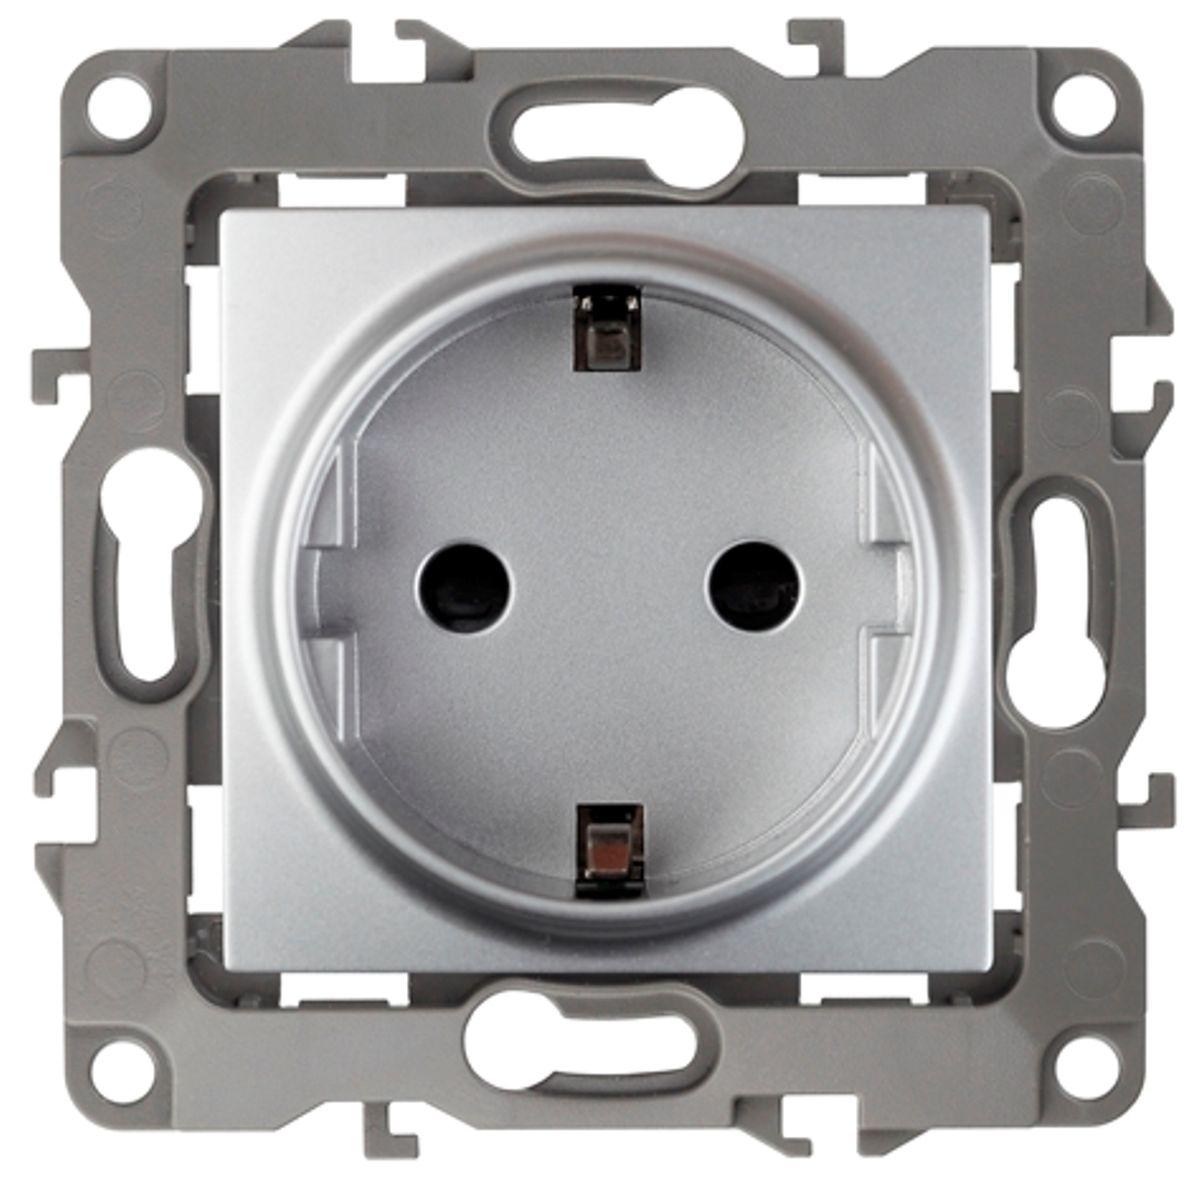 Розетка одинарная Эра, со шторками, цвет: алюминий. 12-2102-0312-2102-03Одинарная розетка Эра с заземлением, скрытой установки, со шторками, имеет бронзовые контакты и фиксаторы модулей. Автоматические зажимы кабеля обеспечивают быстрый и надежный монтаж изделия к электросети без отвертки и не требуют обслуживания в отличие от винтовых зажимов.